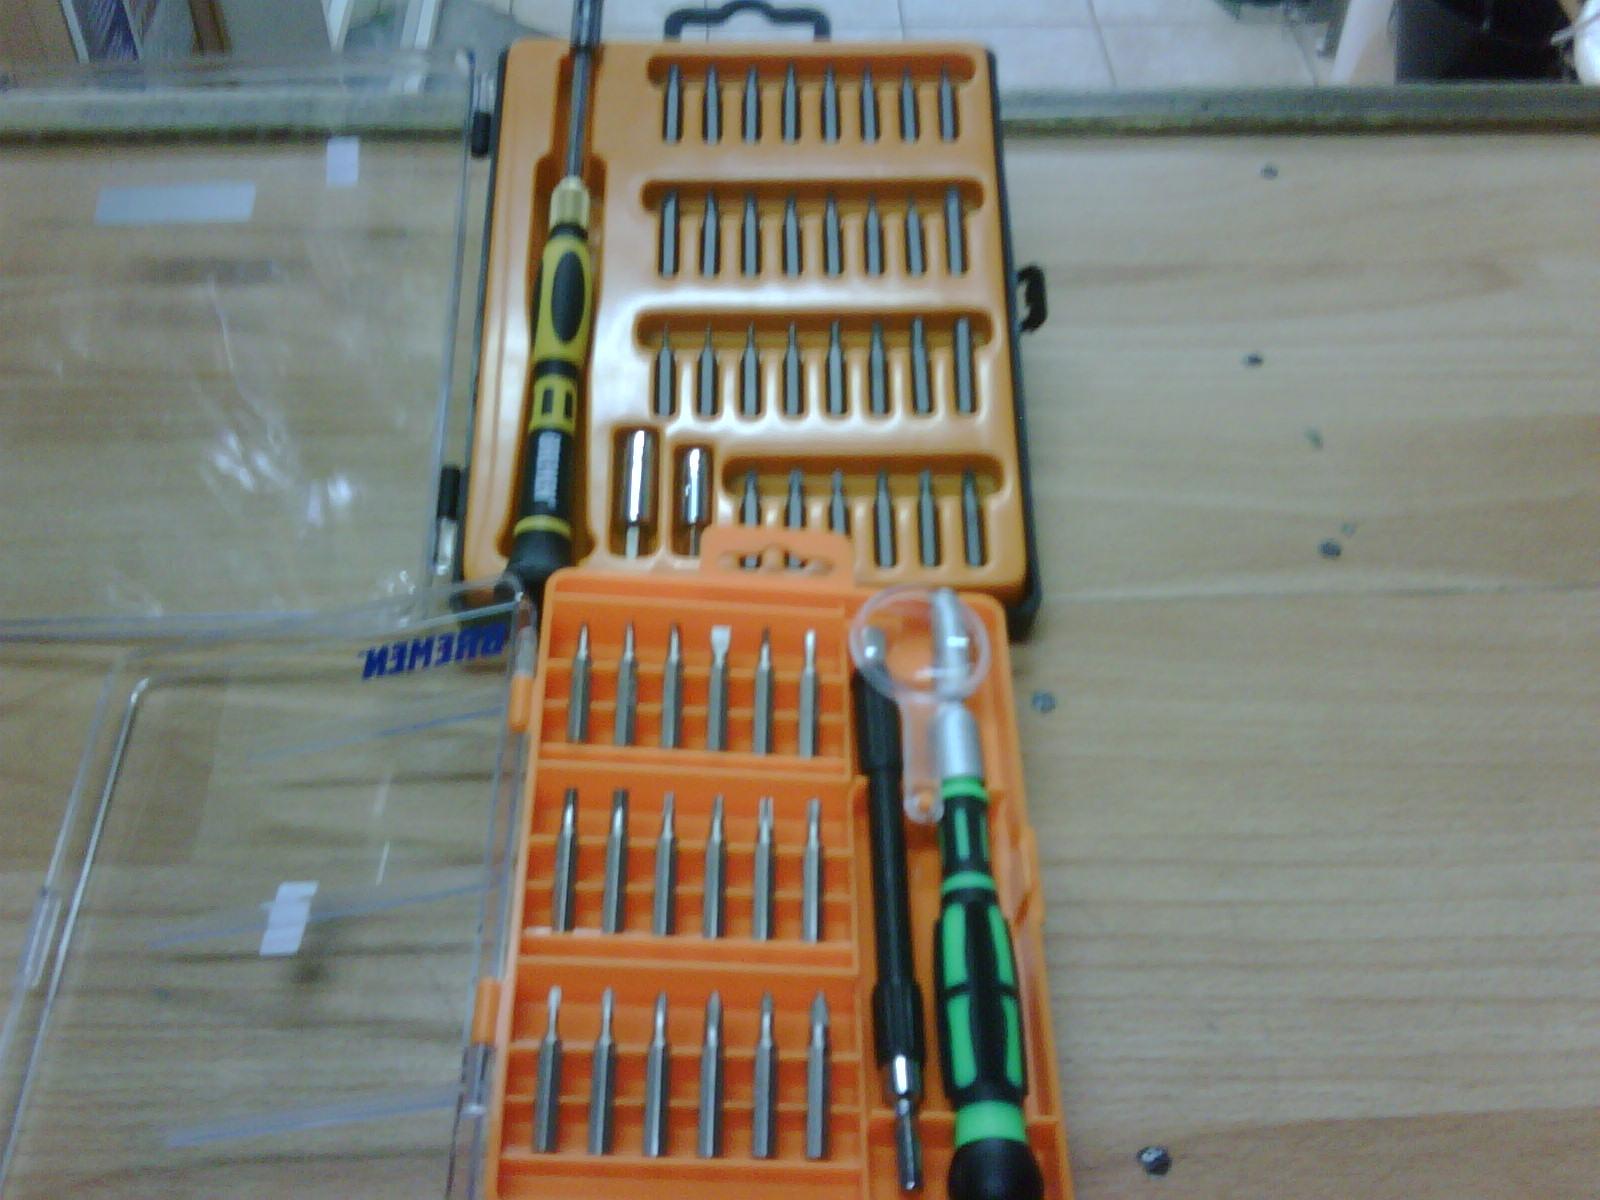 Microfer juego de destornilladores de precision - Destornilladores de precision ...